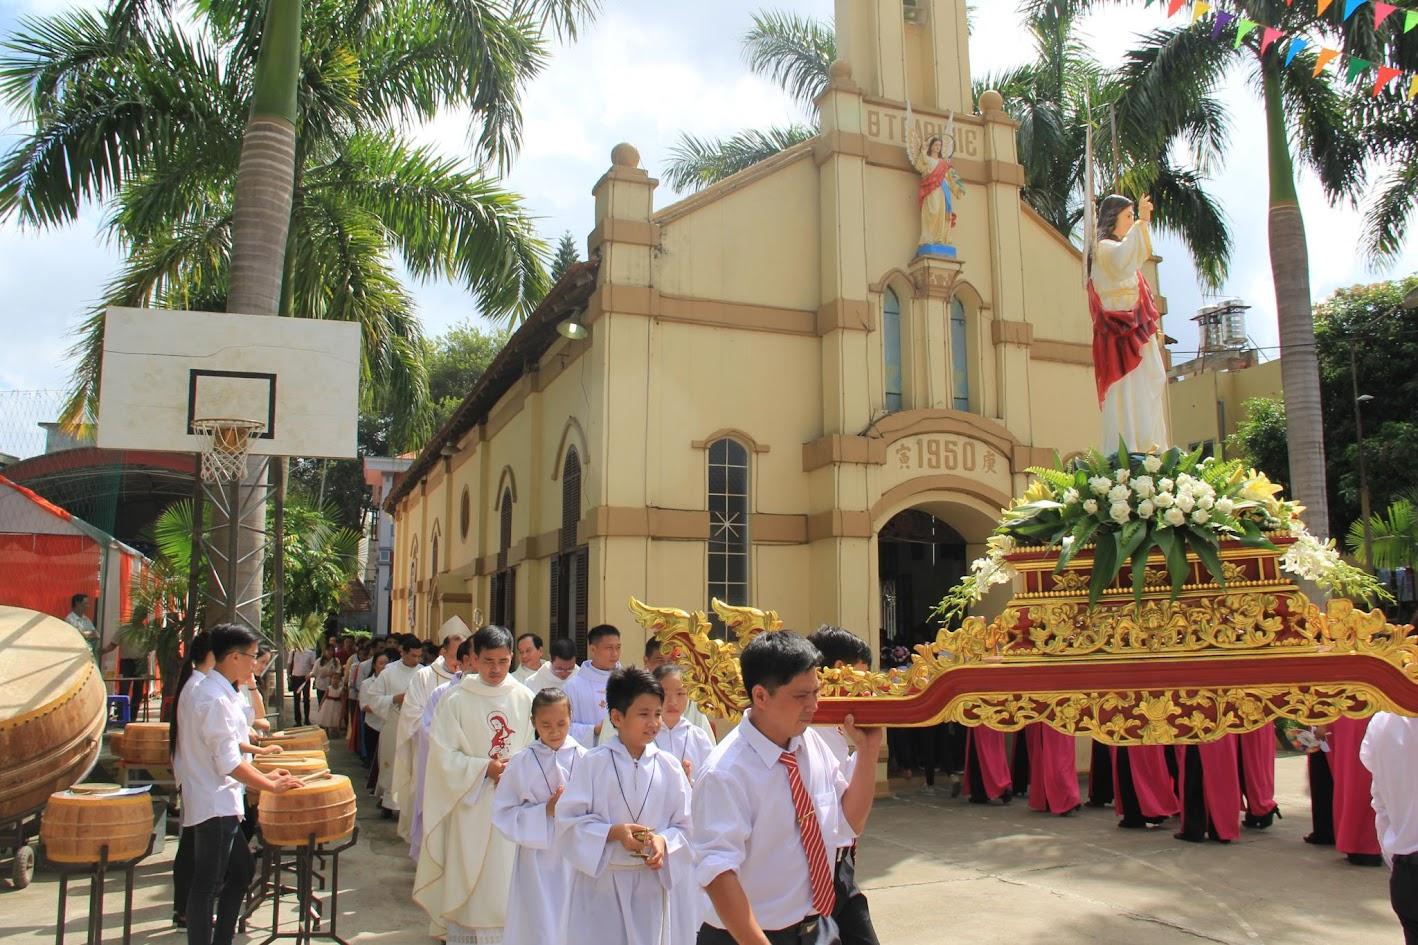 Giáo xứ Ngạn Sơn: Thánh lễ Bổn mạng và Làm phép Nhà mới - Ảnh minh hoạ 13